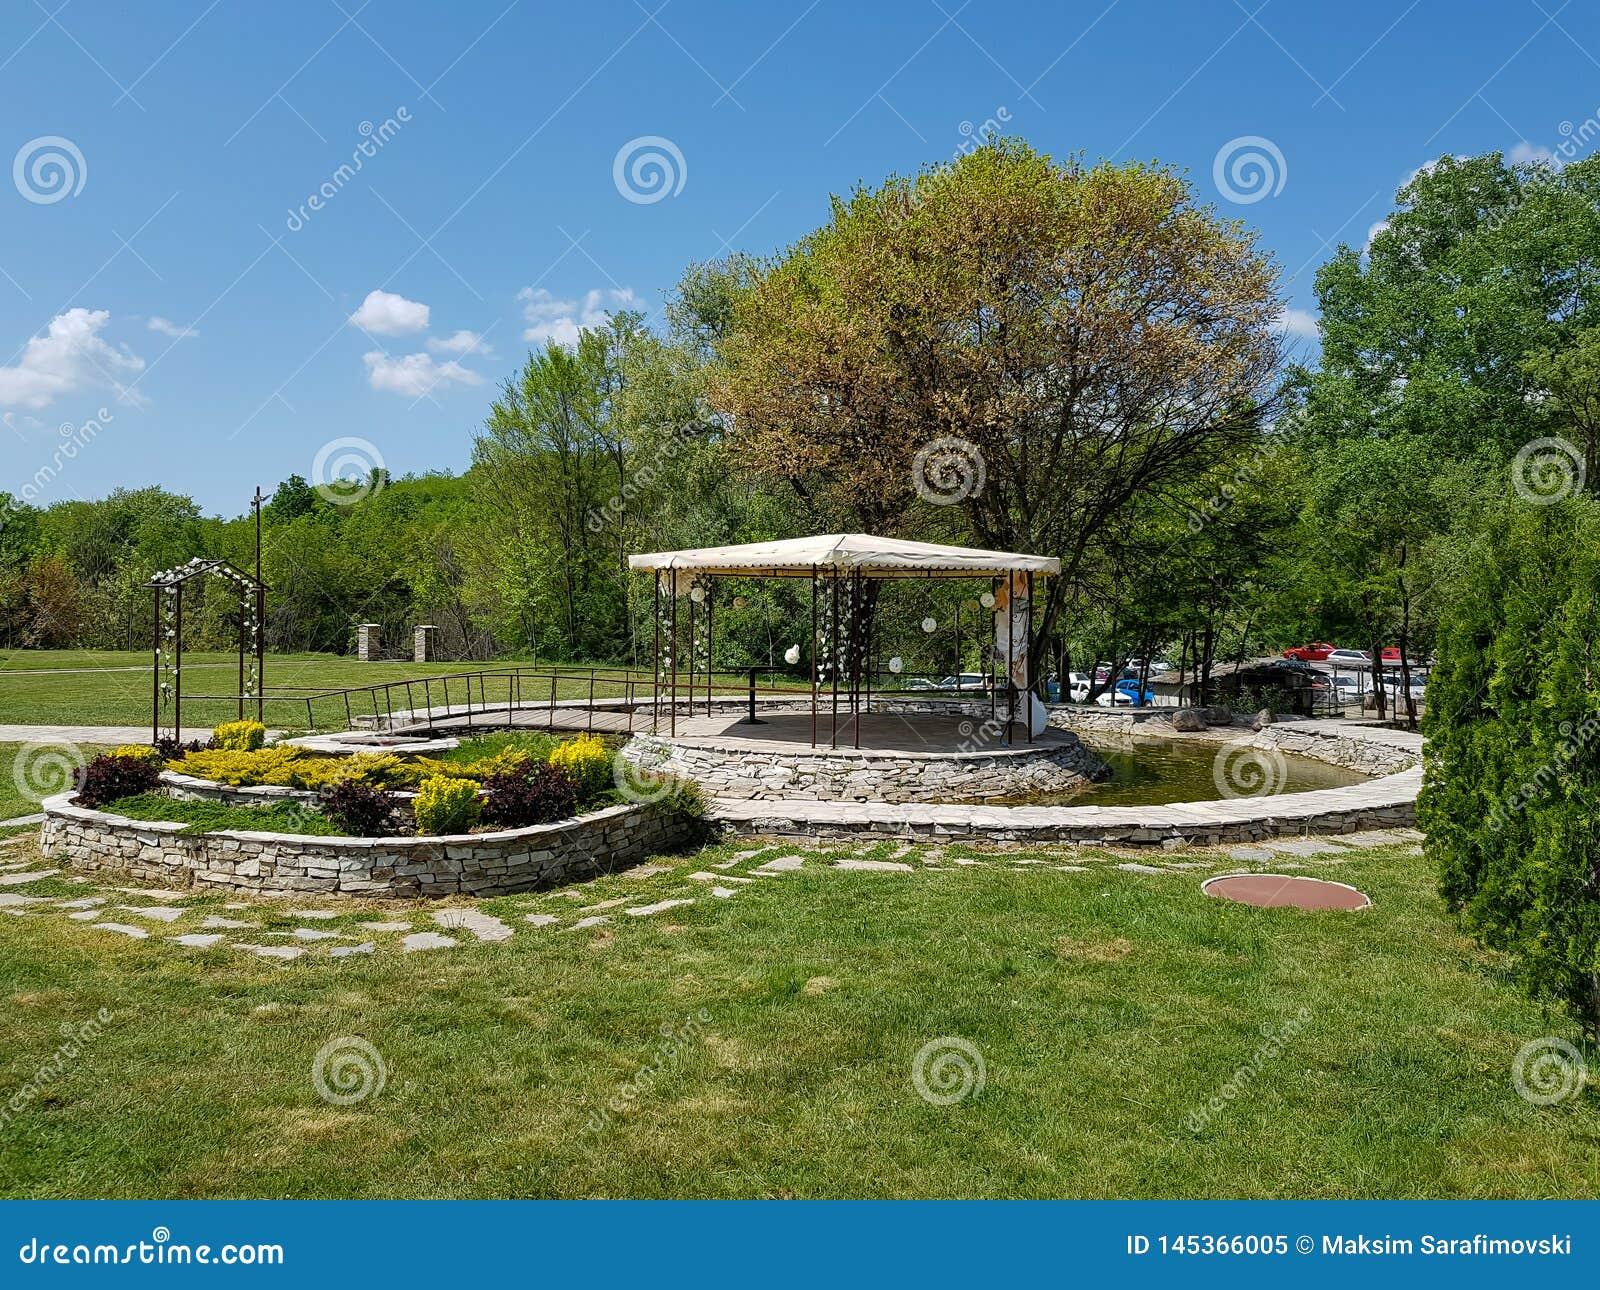 Dekoracyjny miejsce dla ceremonii lub rozrywek Plenerowy przyj?cie pod namiotami i drzewami